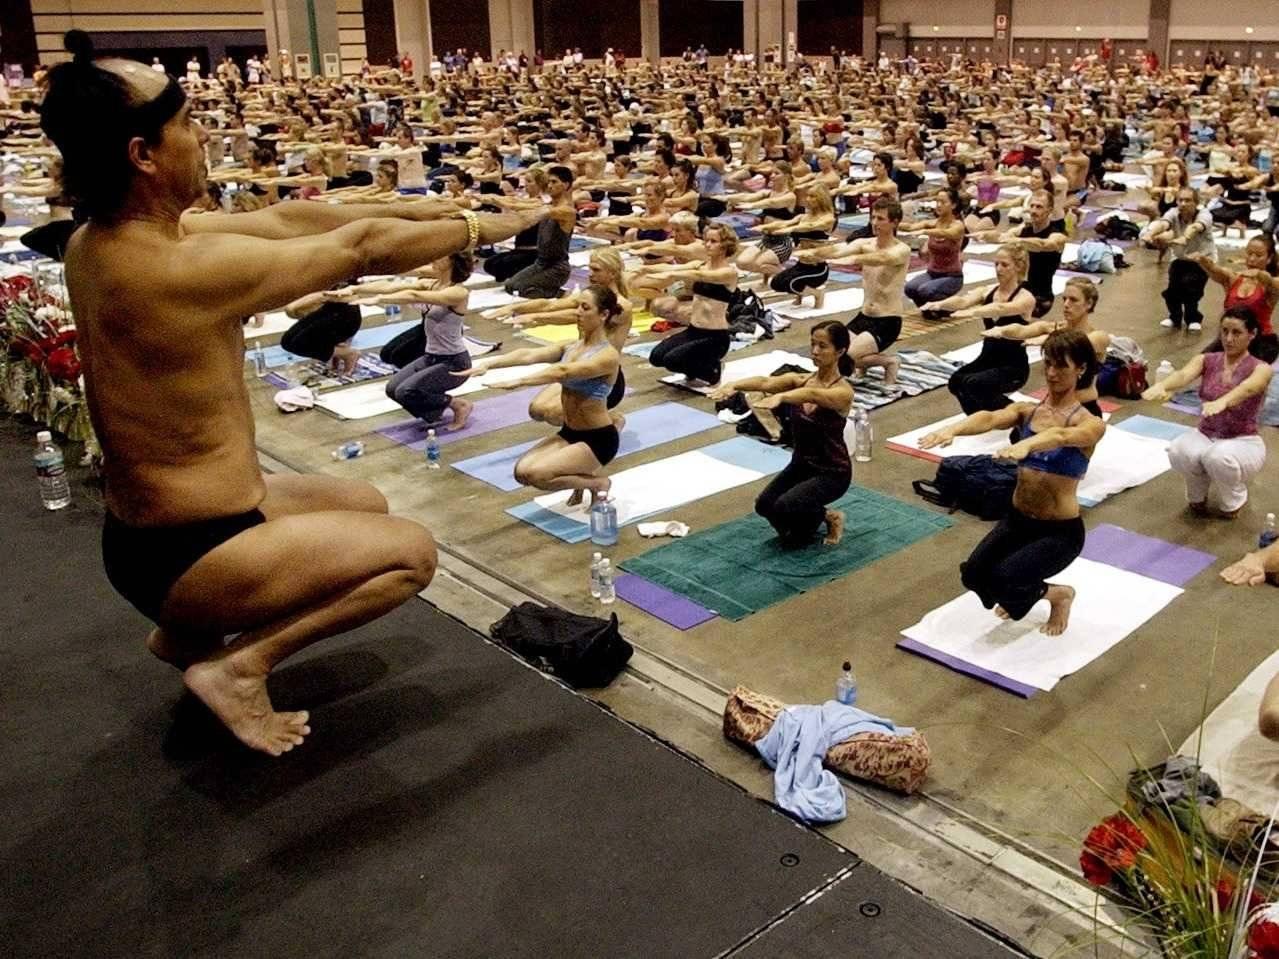 День йоги: виньяса, анусара, рокет и другие ее виды для новичков и продвинутых